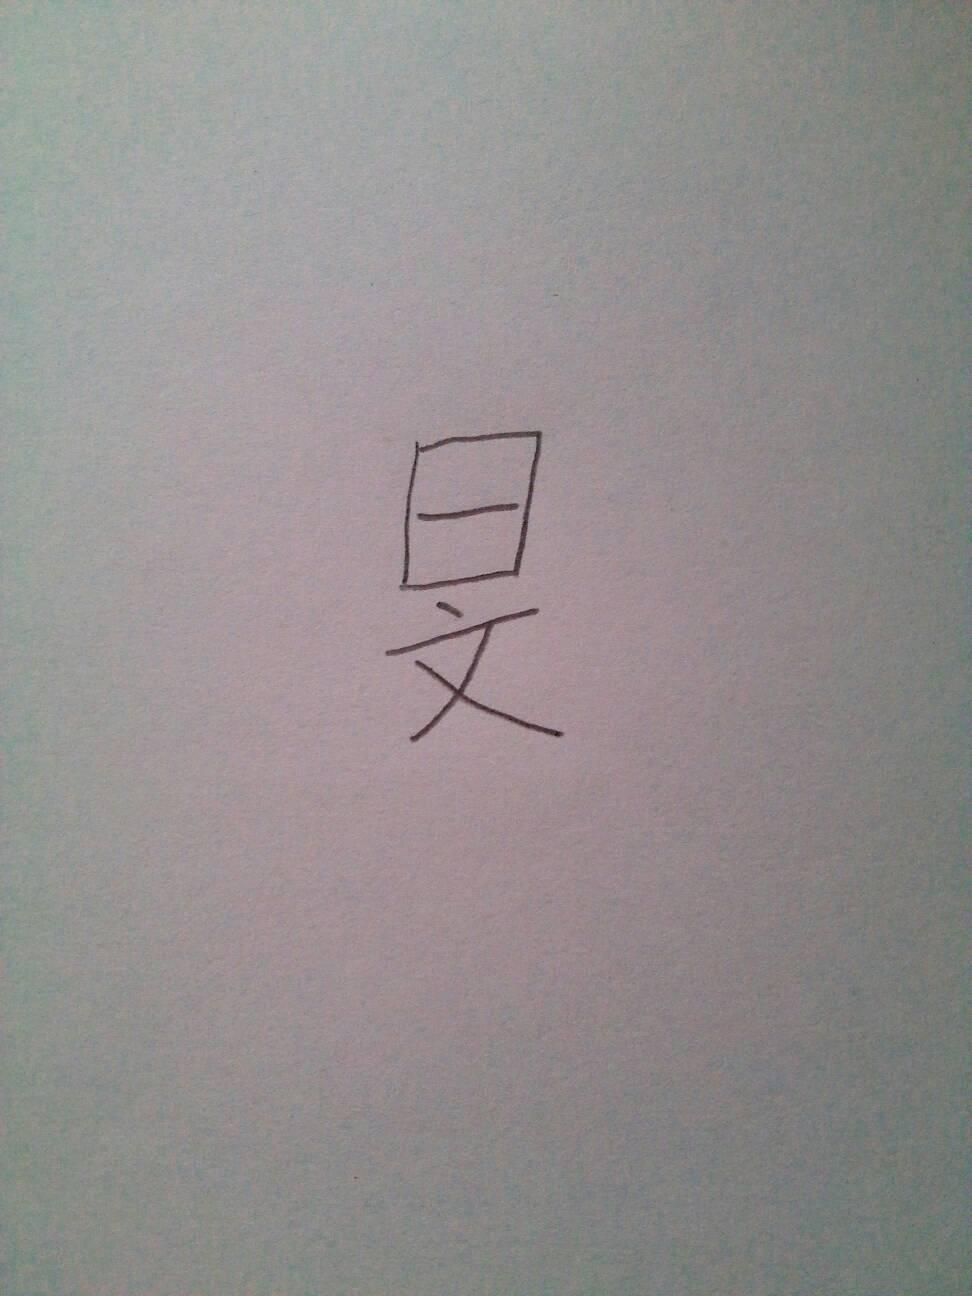 下面四个点是什么字_回答 哦再宽点念曰 你打ri 追问 不是,这个字是上面一个日字,下面一个